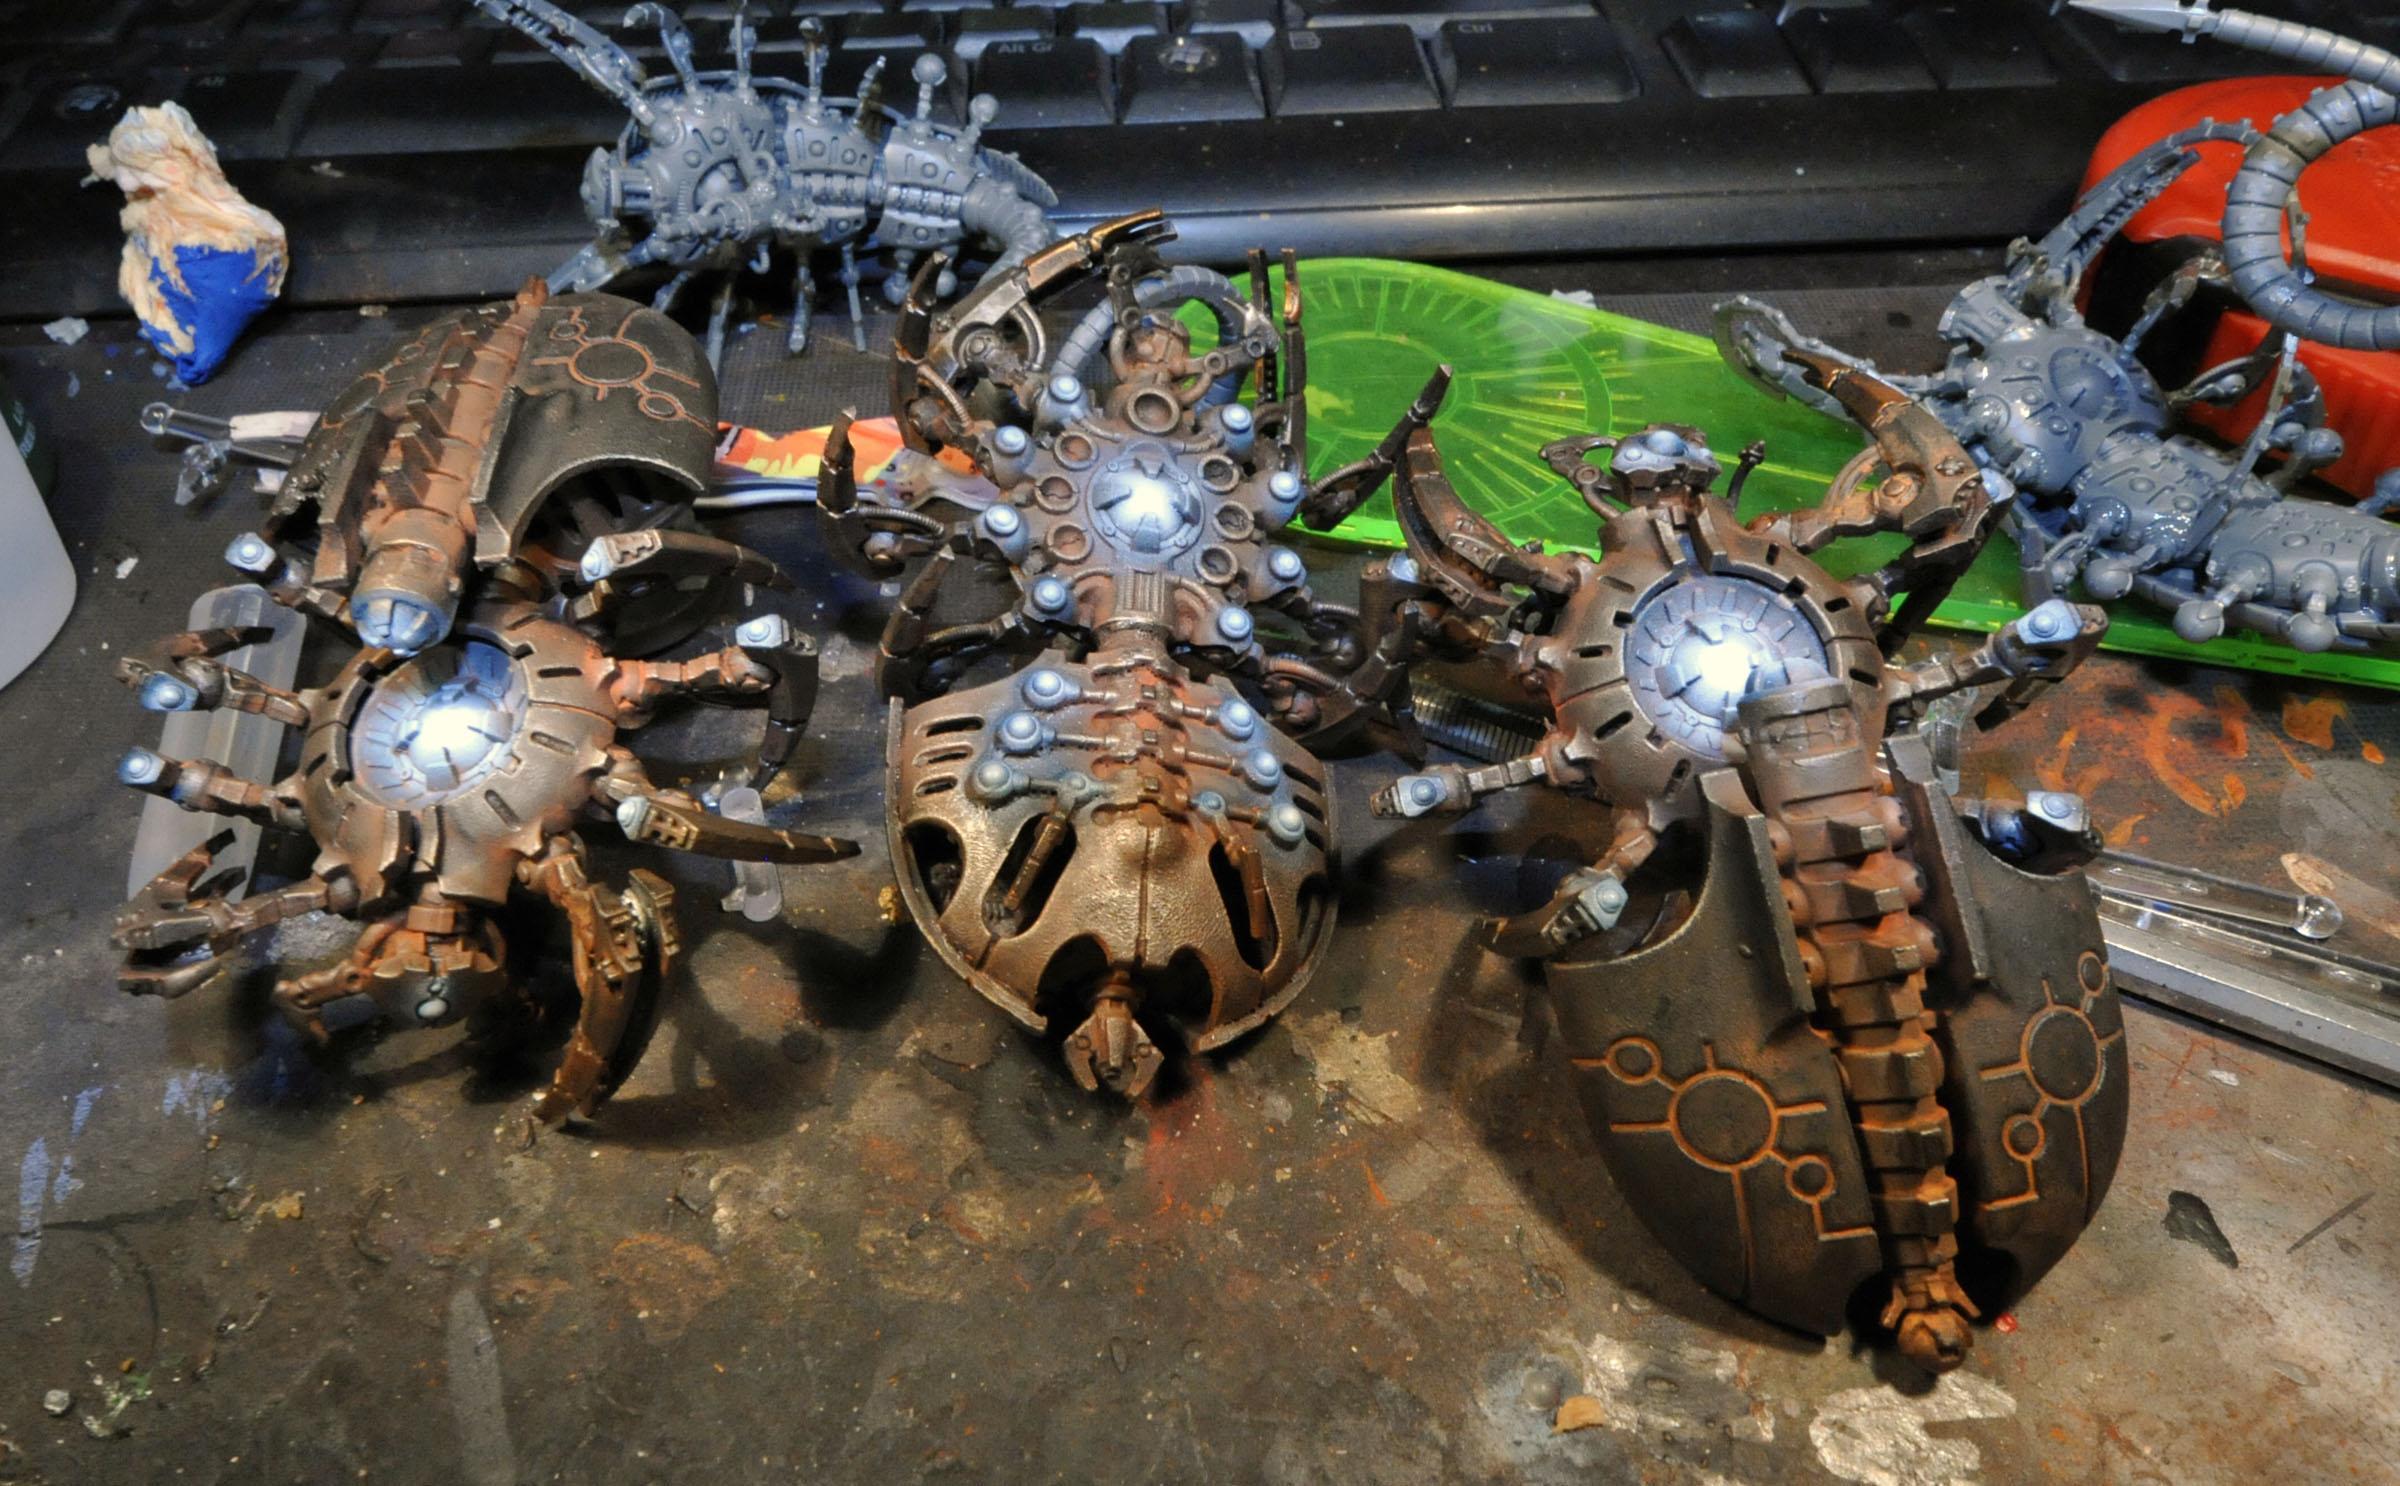 Canoptek, Necrons, Spider, Warhammer 40,000